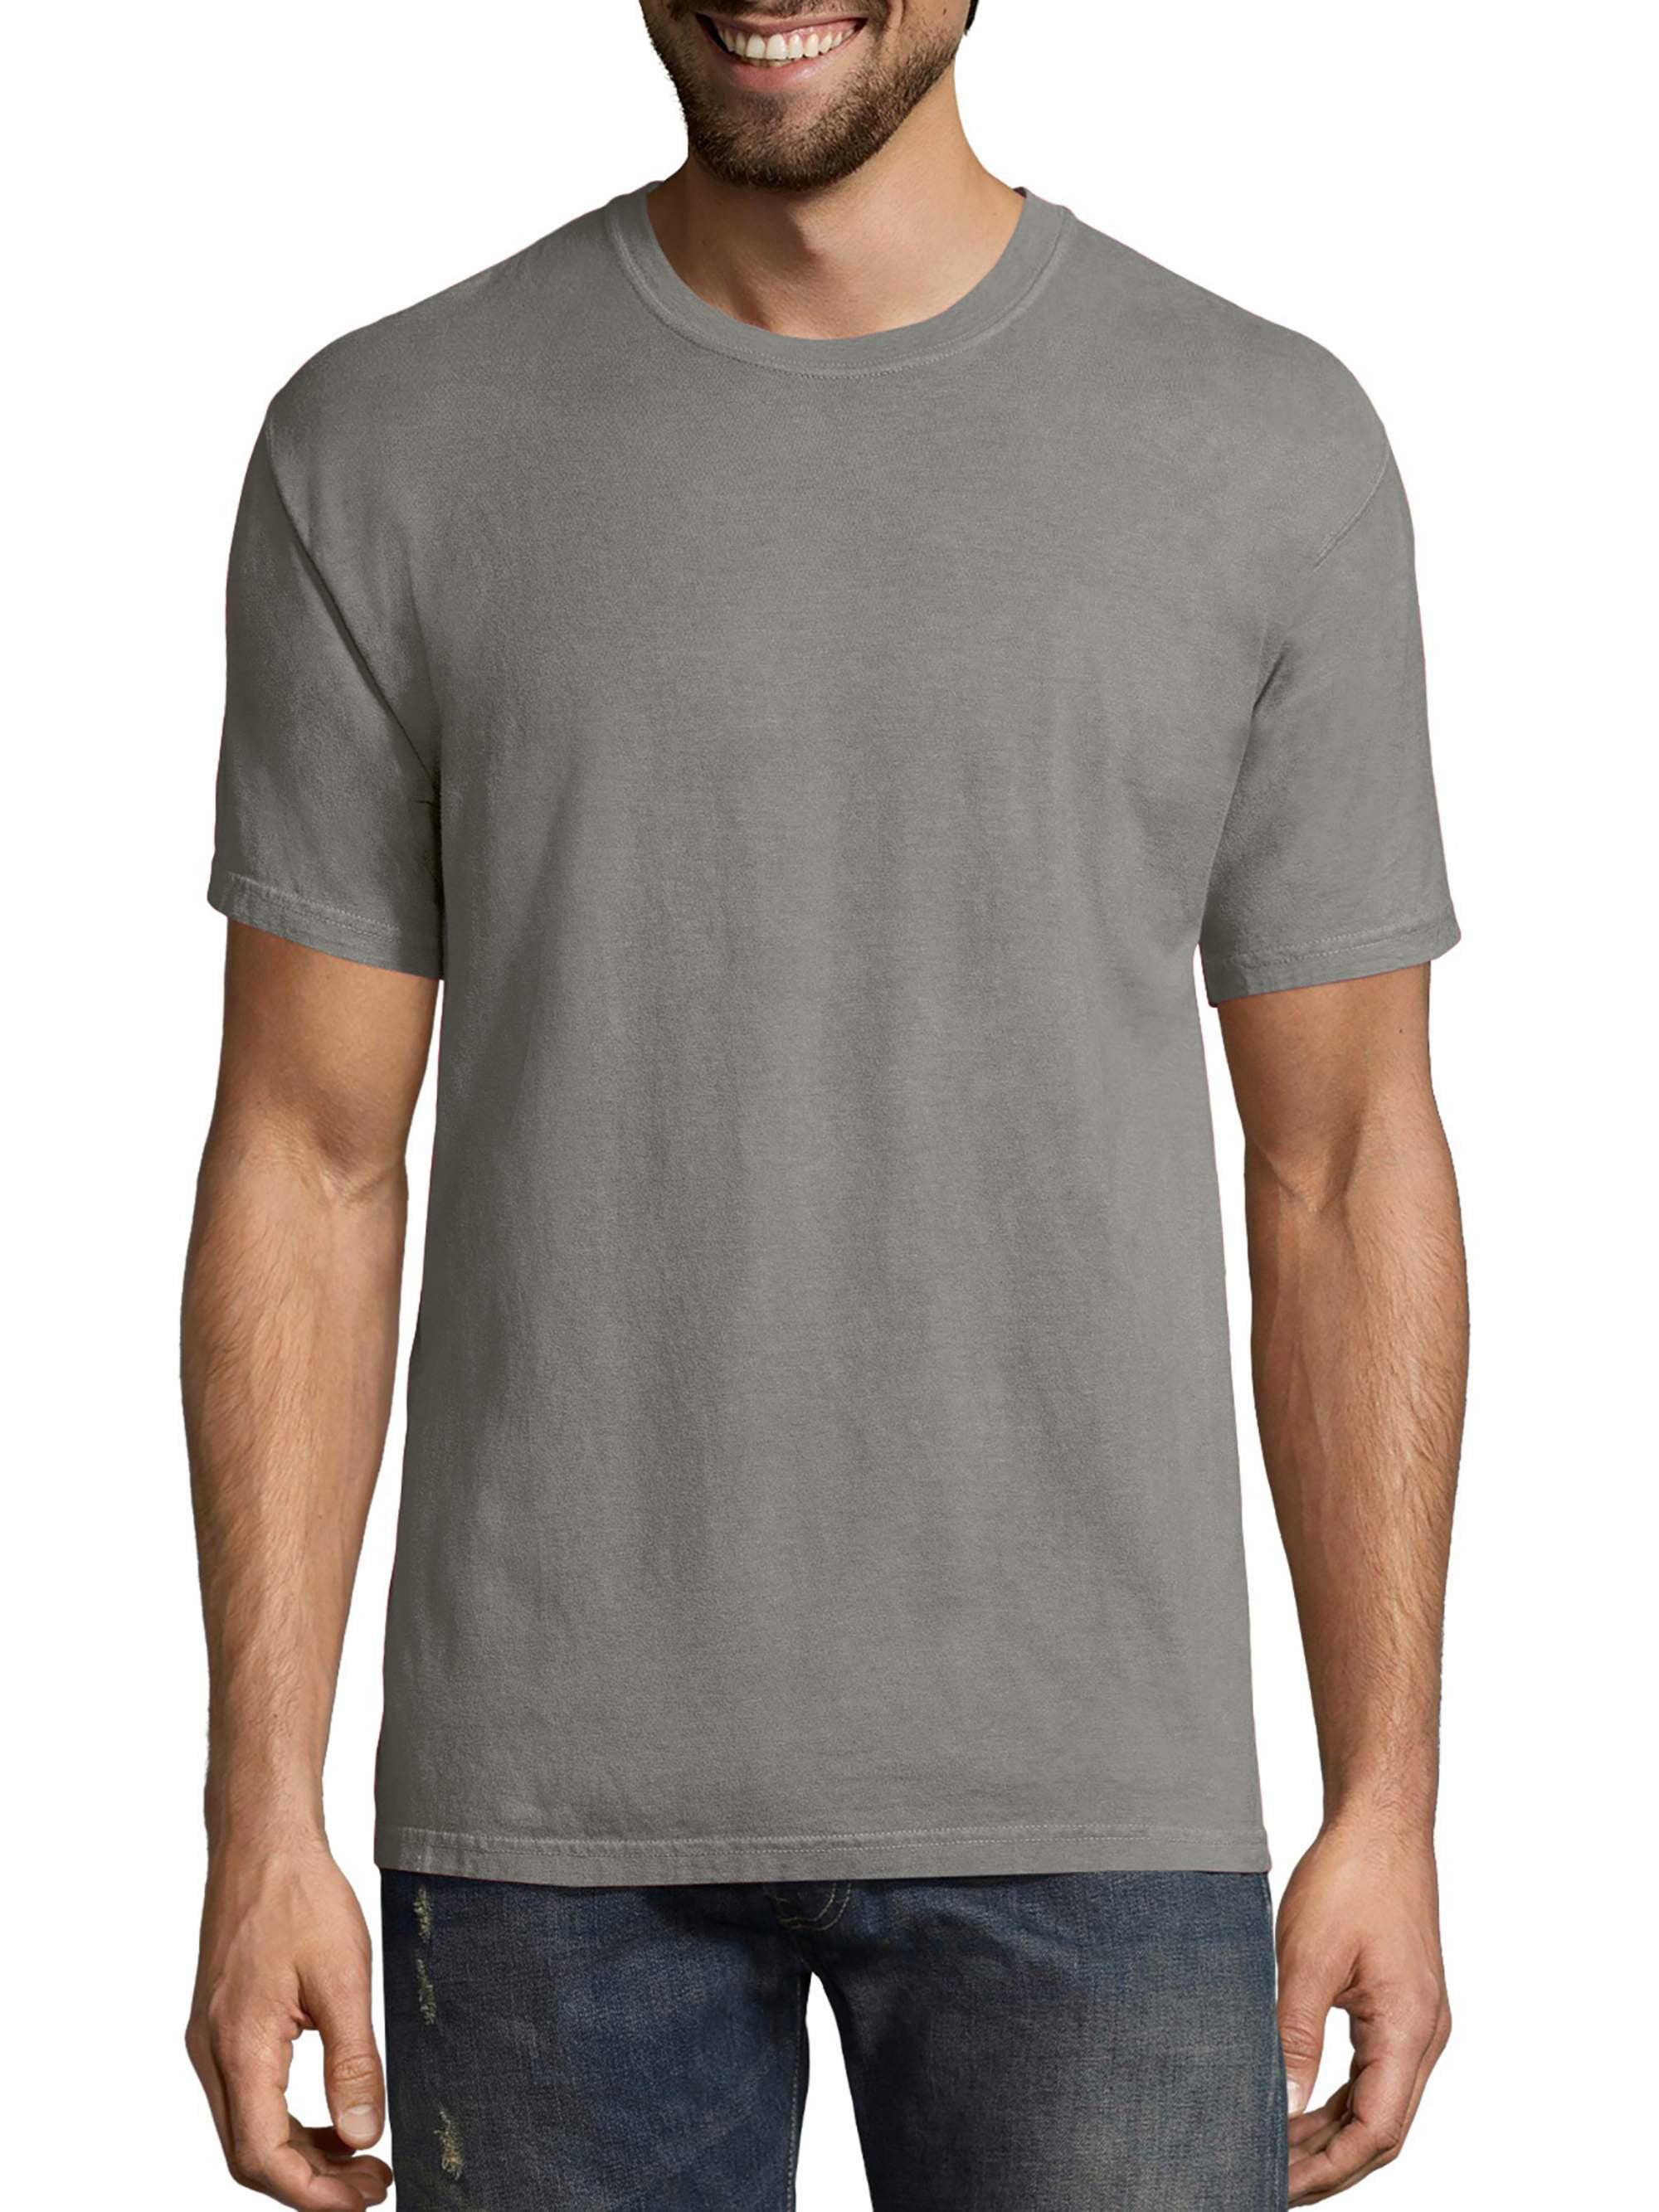 Men's ComfortWash Garment Dyed Short Sleeve Tee